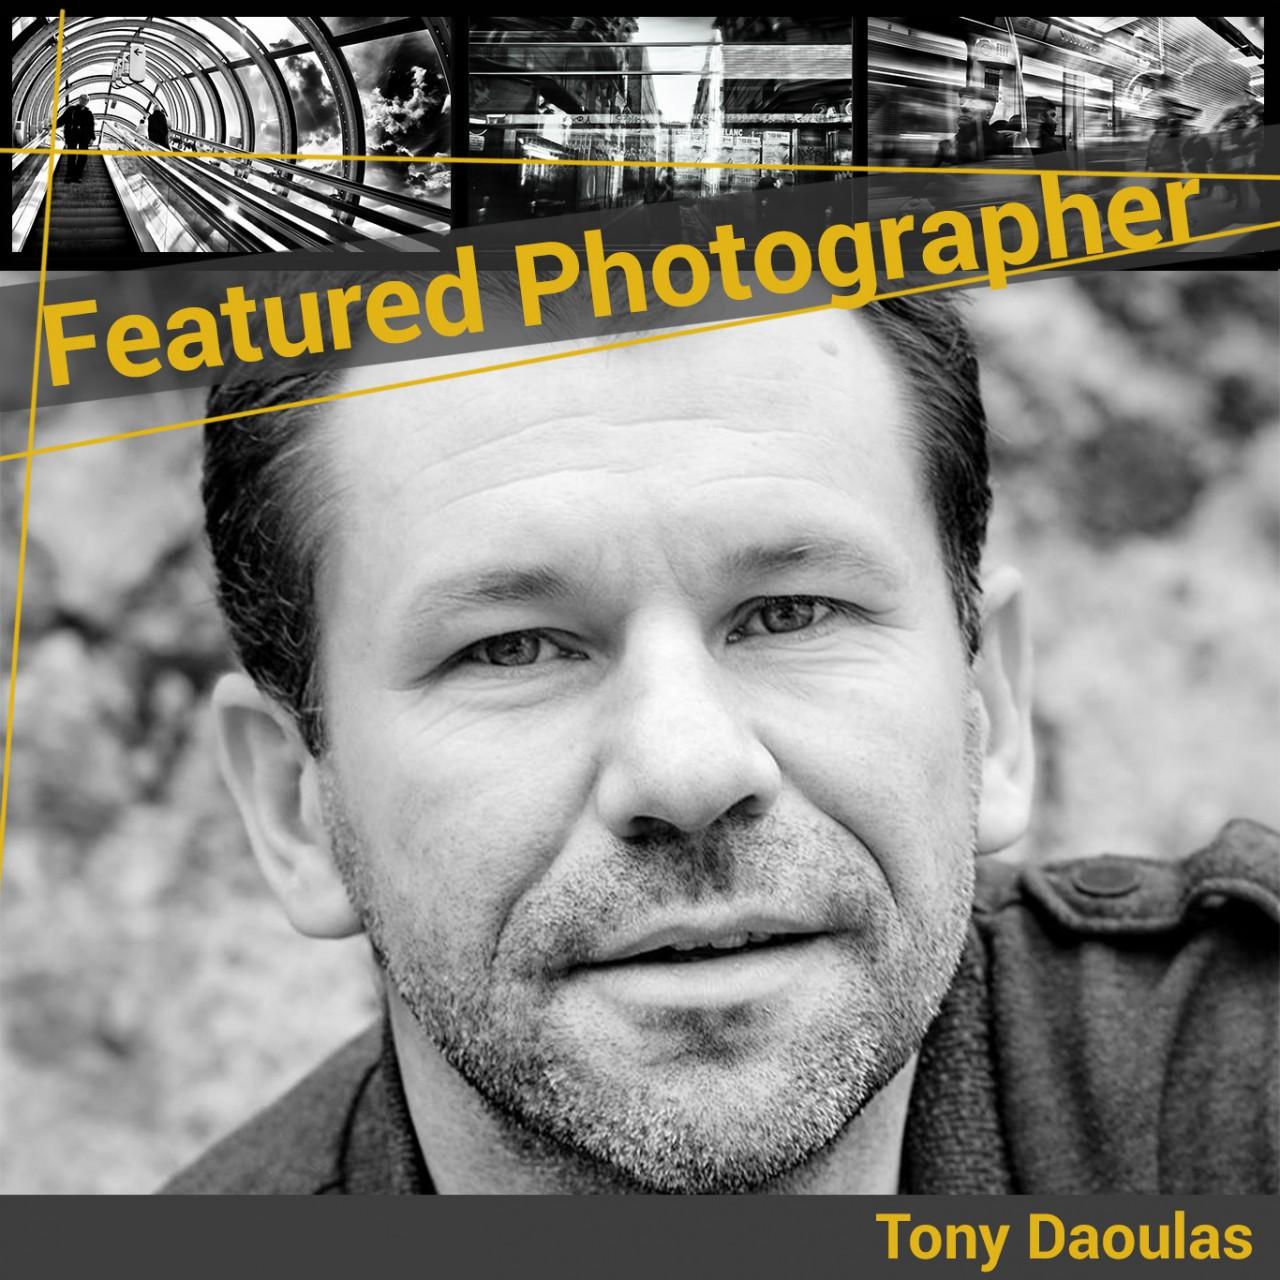 Templatet Featured Photographertd